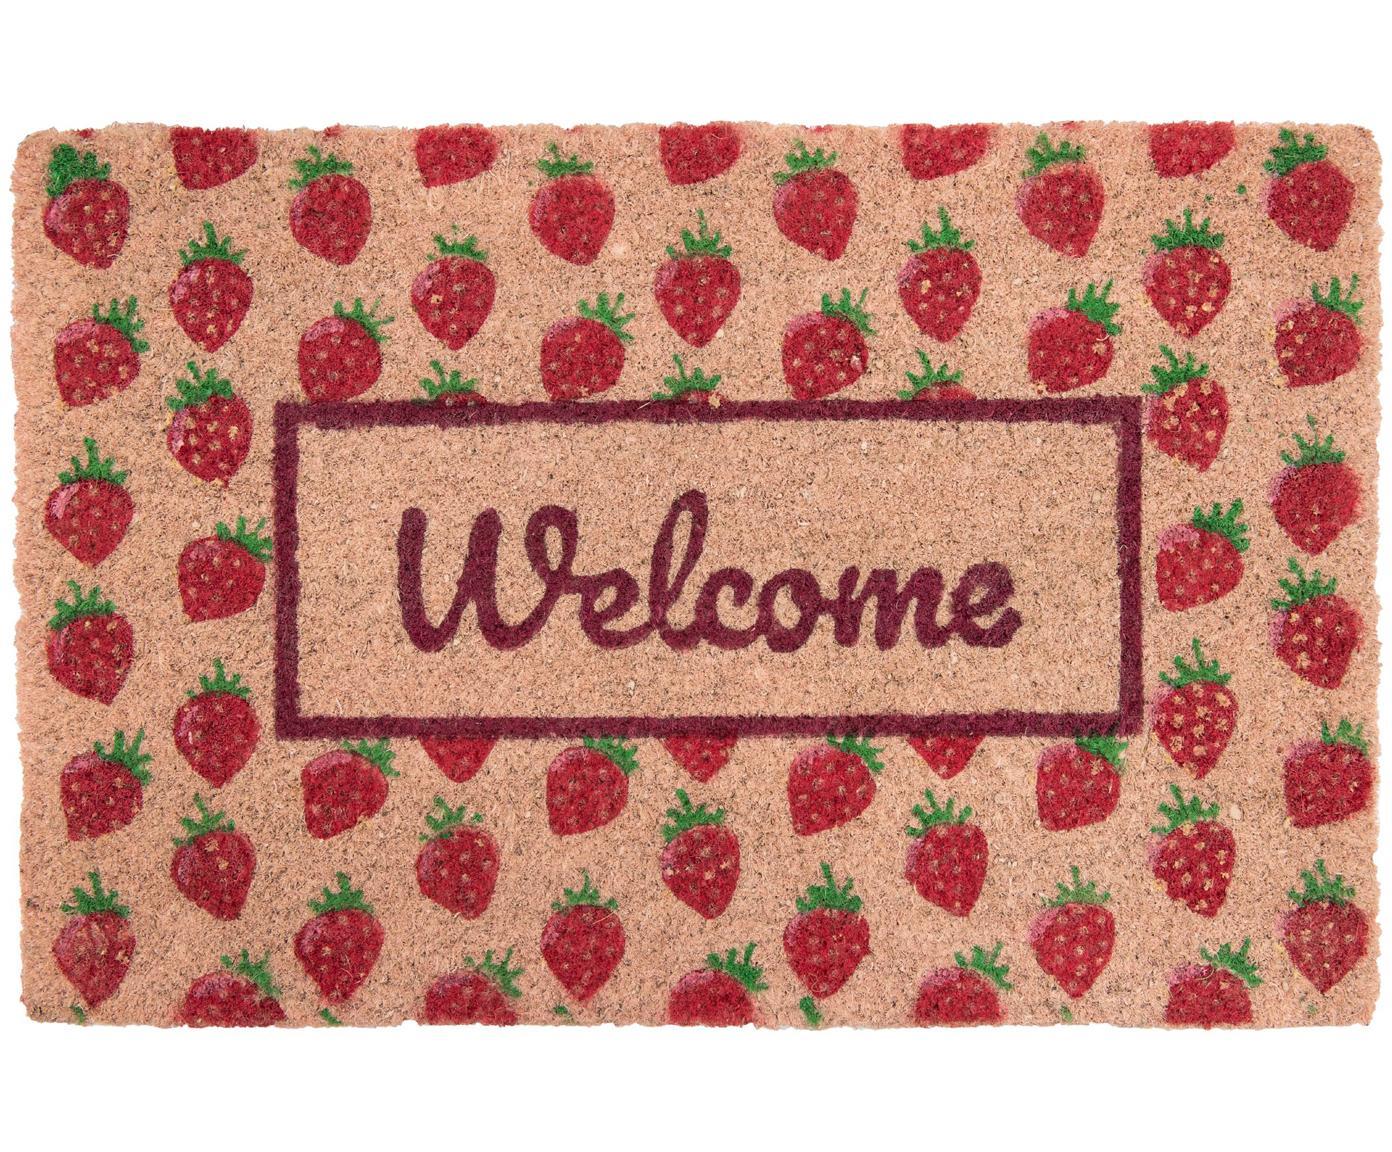 Fußmatte Welcome mit Erdbeeren, Oberseite: Kokosfaser, Unterseite: PVC, Rosa, Rot, Grün, 40 x 60 cm